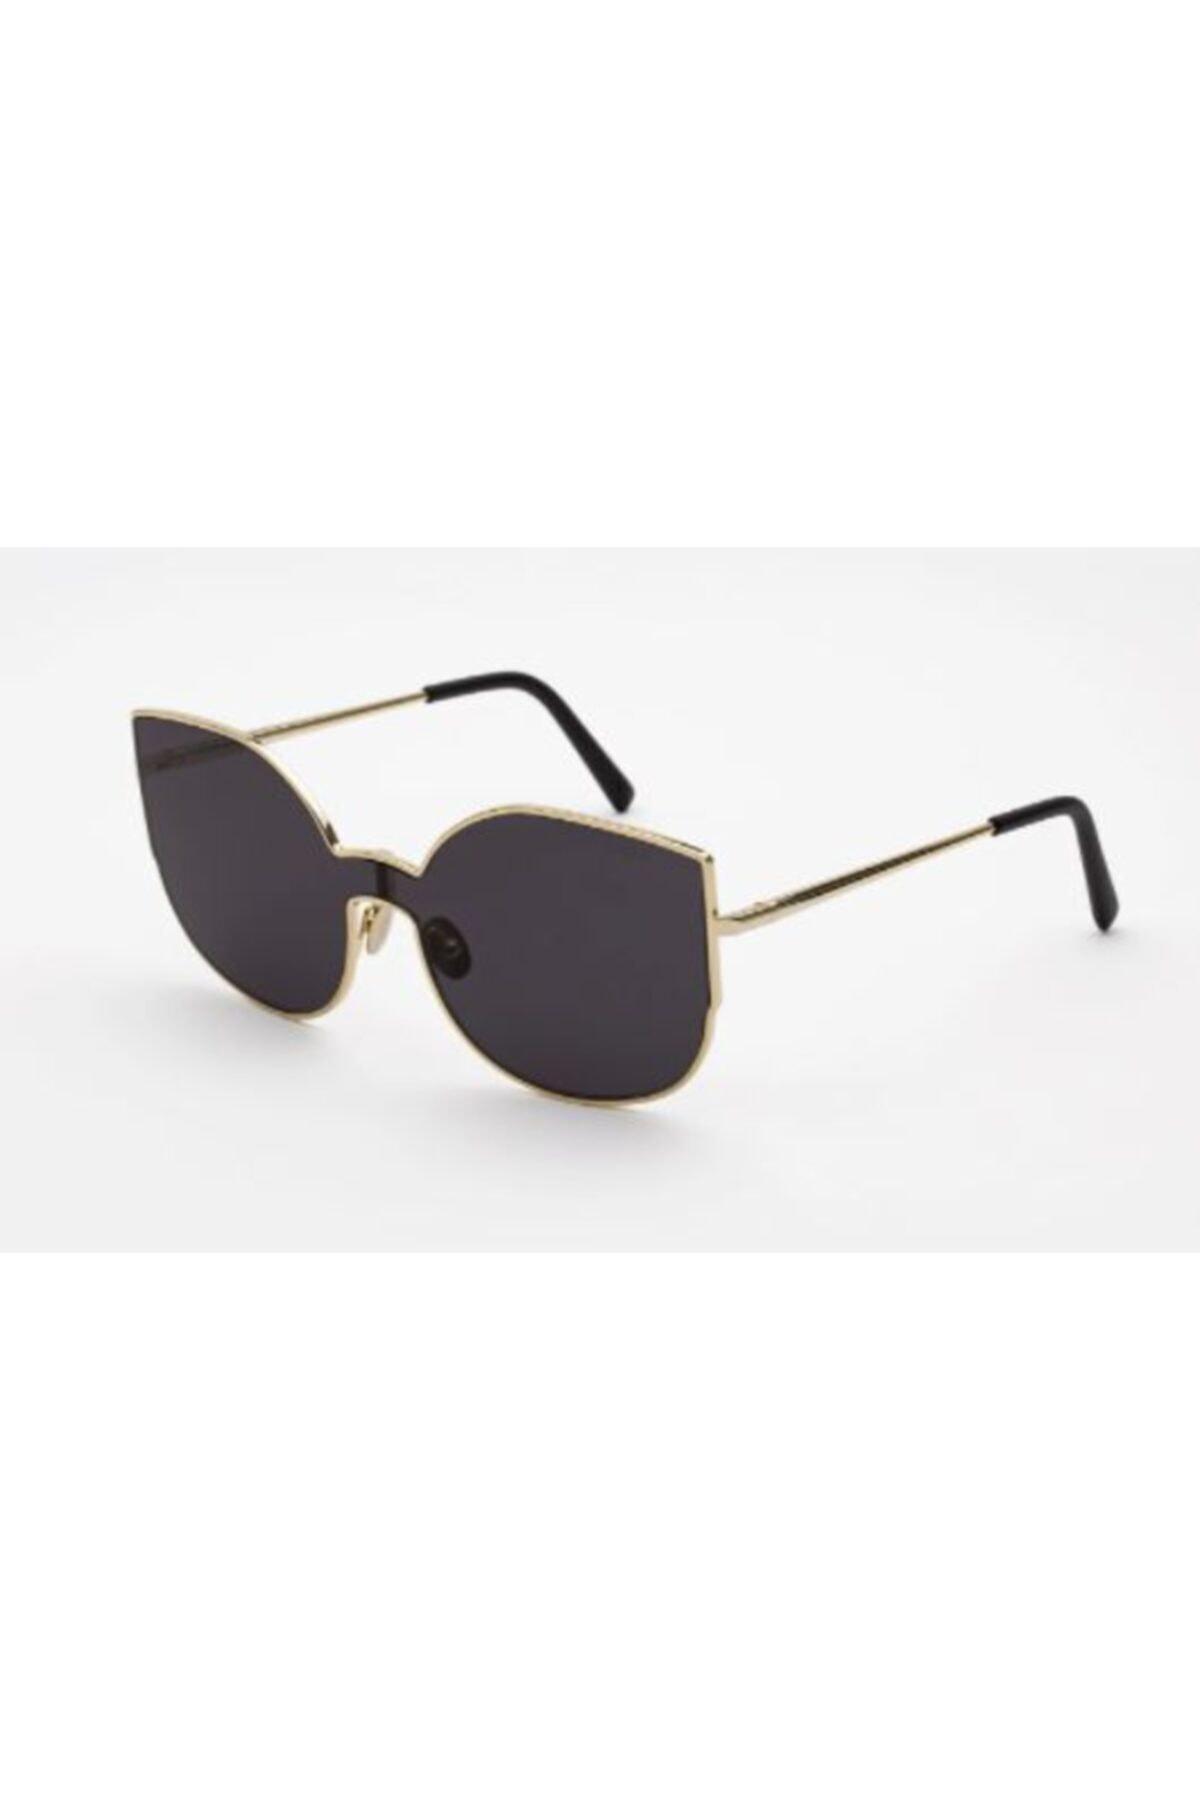 عینک آفتابی زنانه ارزان برند RETRO SUPER FUTURE رنگ مشکی کد ty102922028